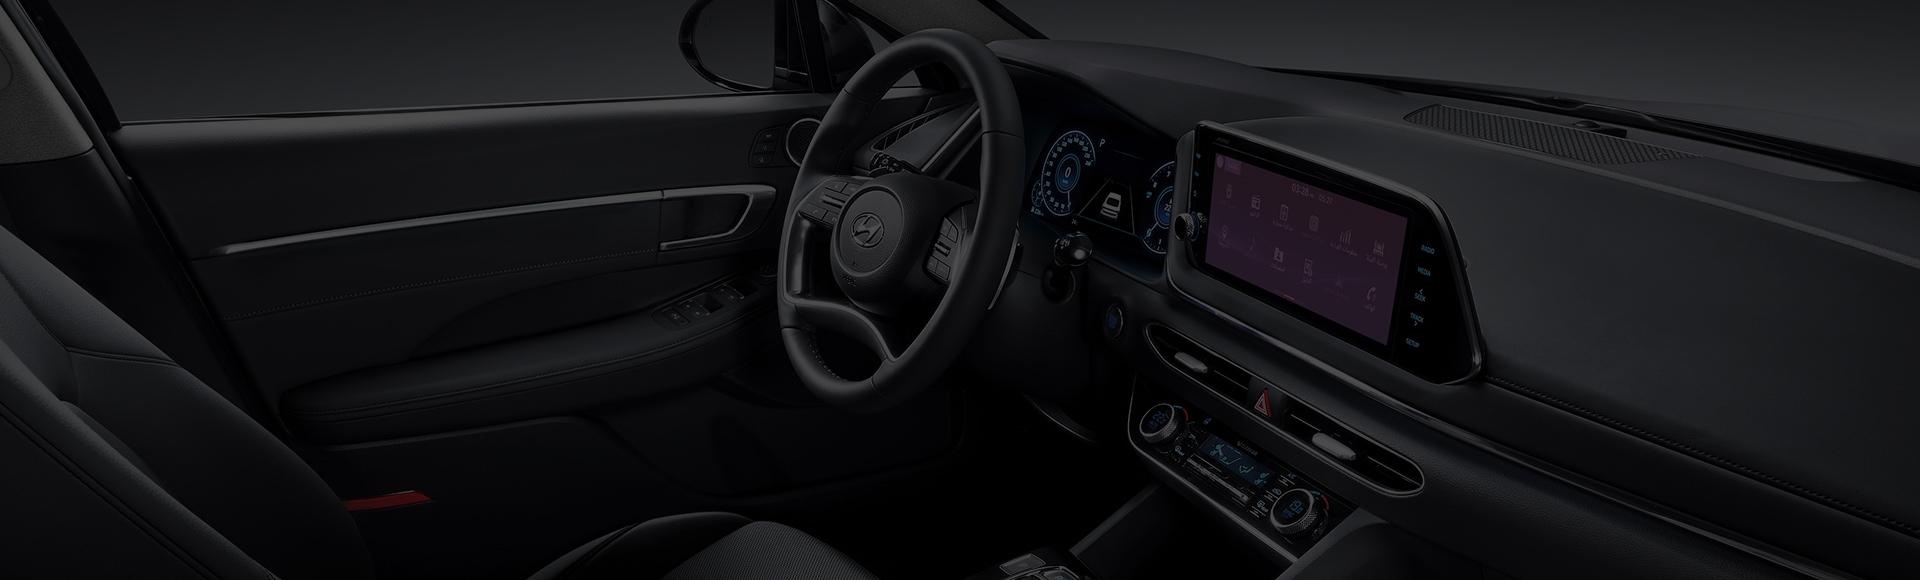 Sonata interior design